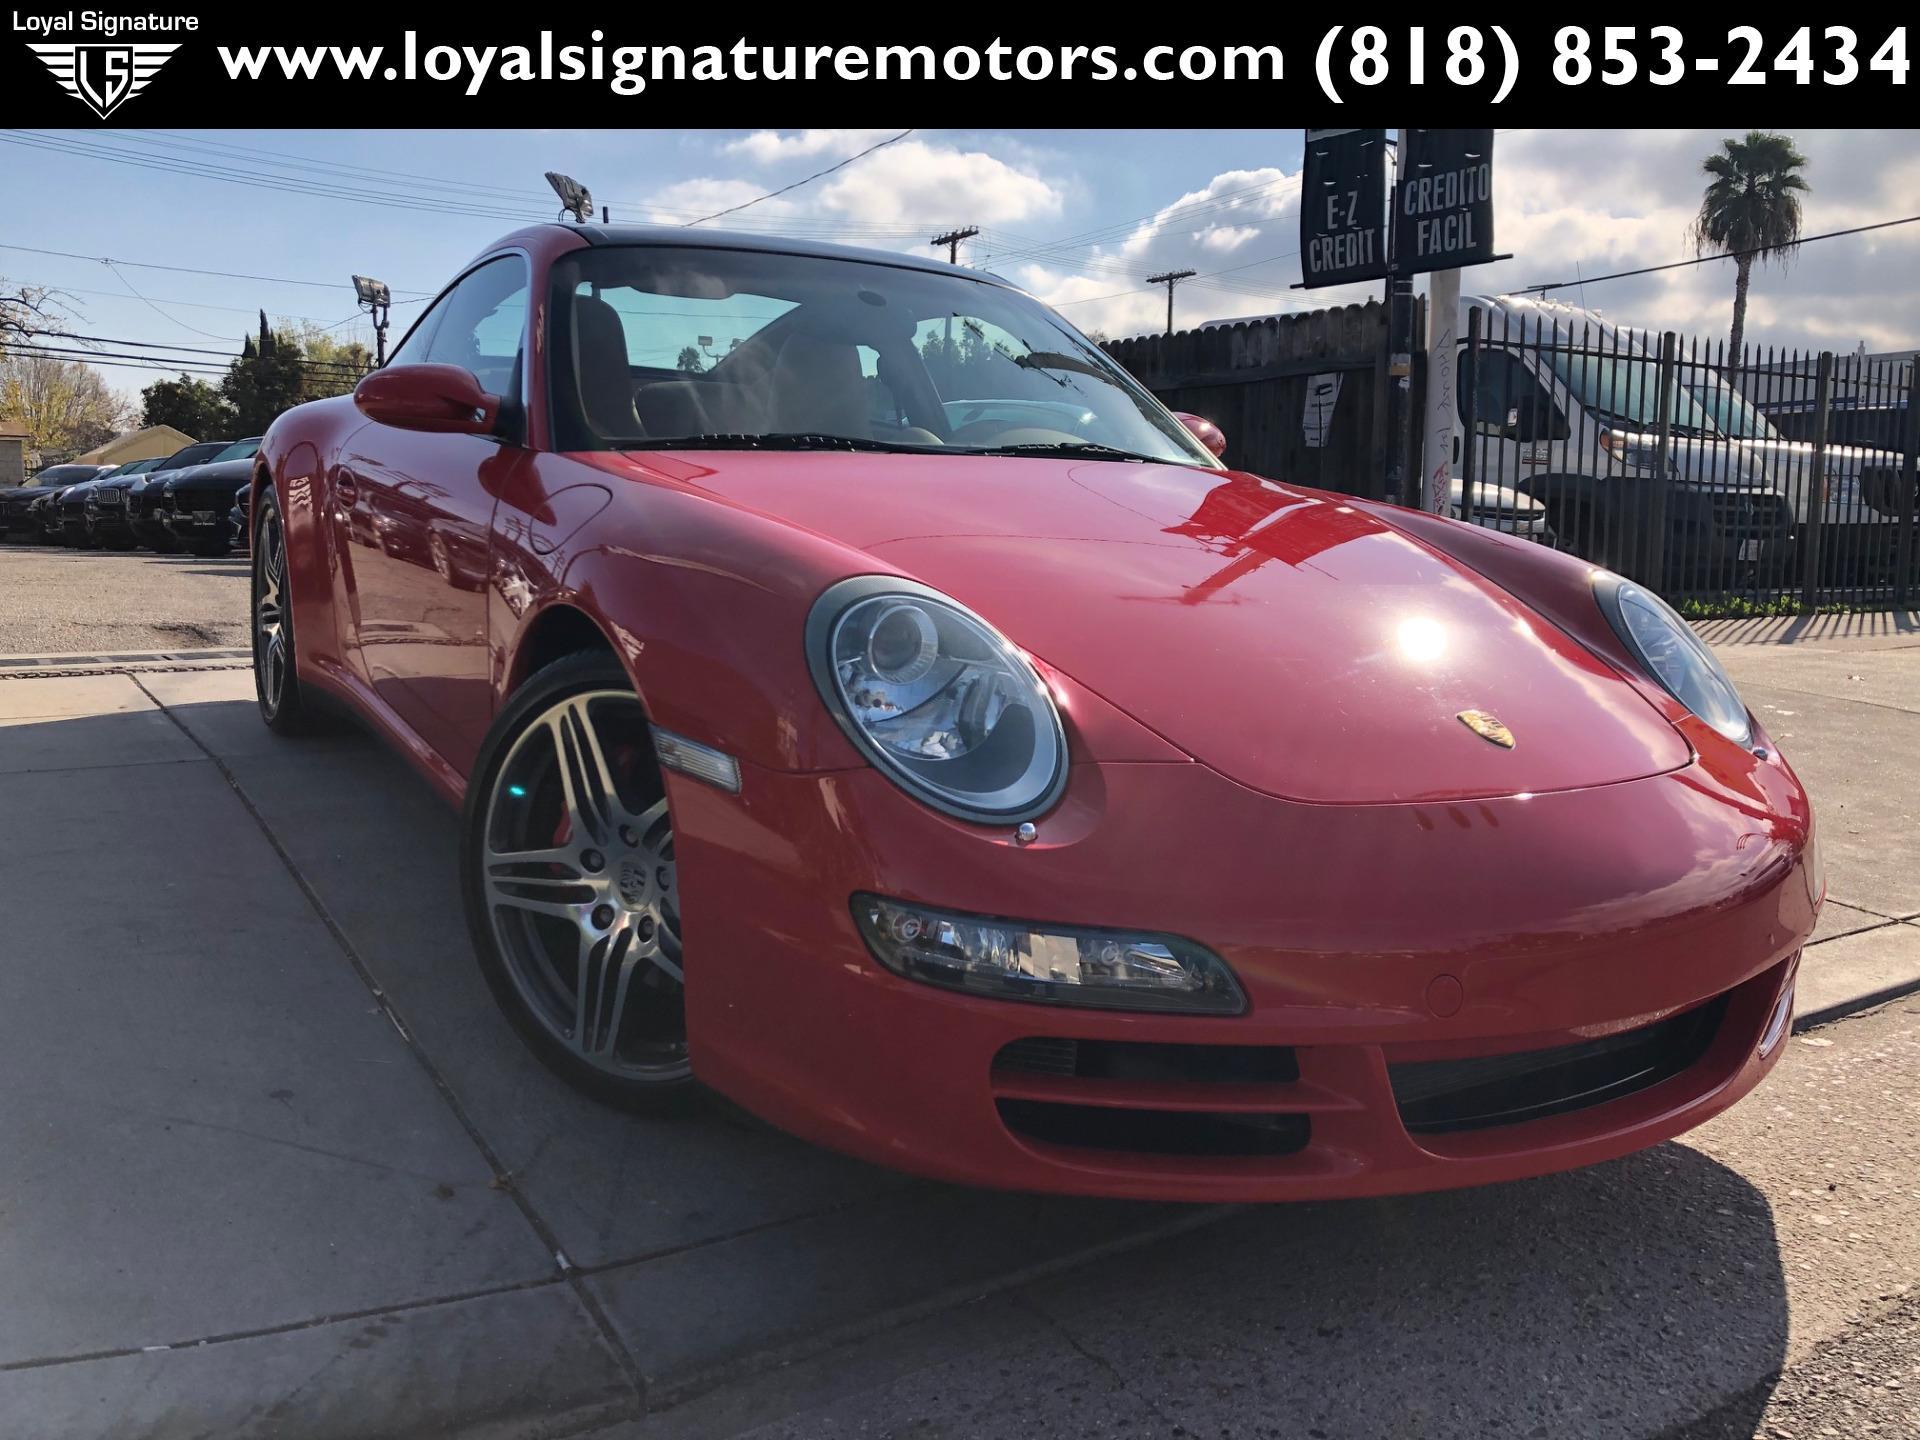 Used 2008 Porsche 911 Targa 4S | Van Nuys, CA